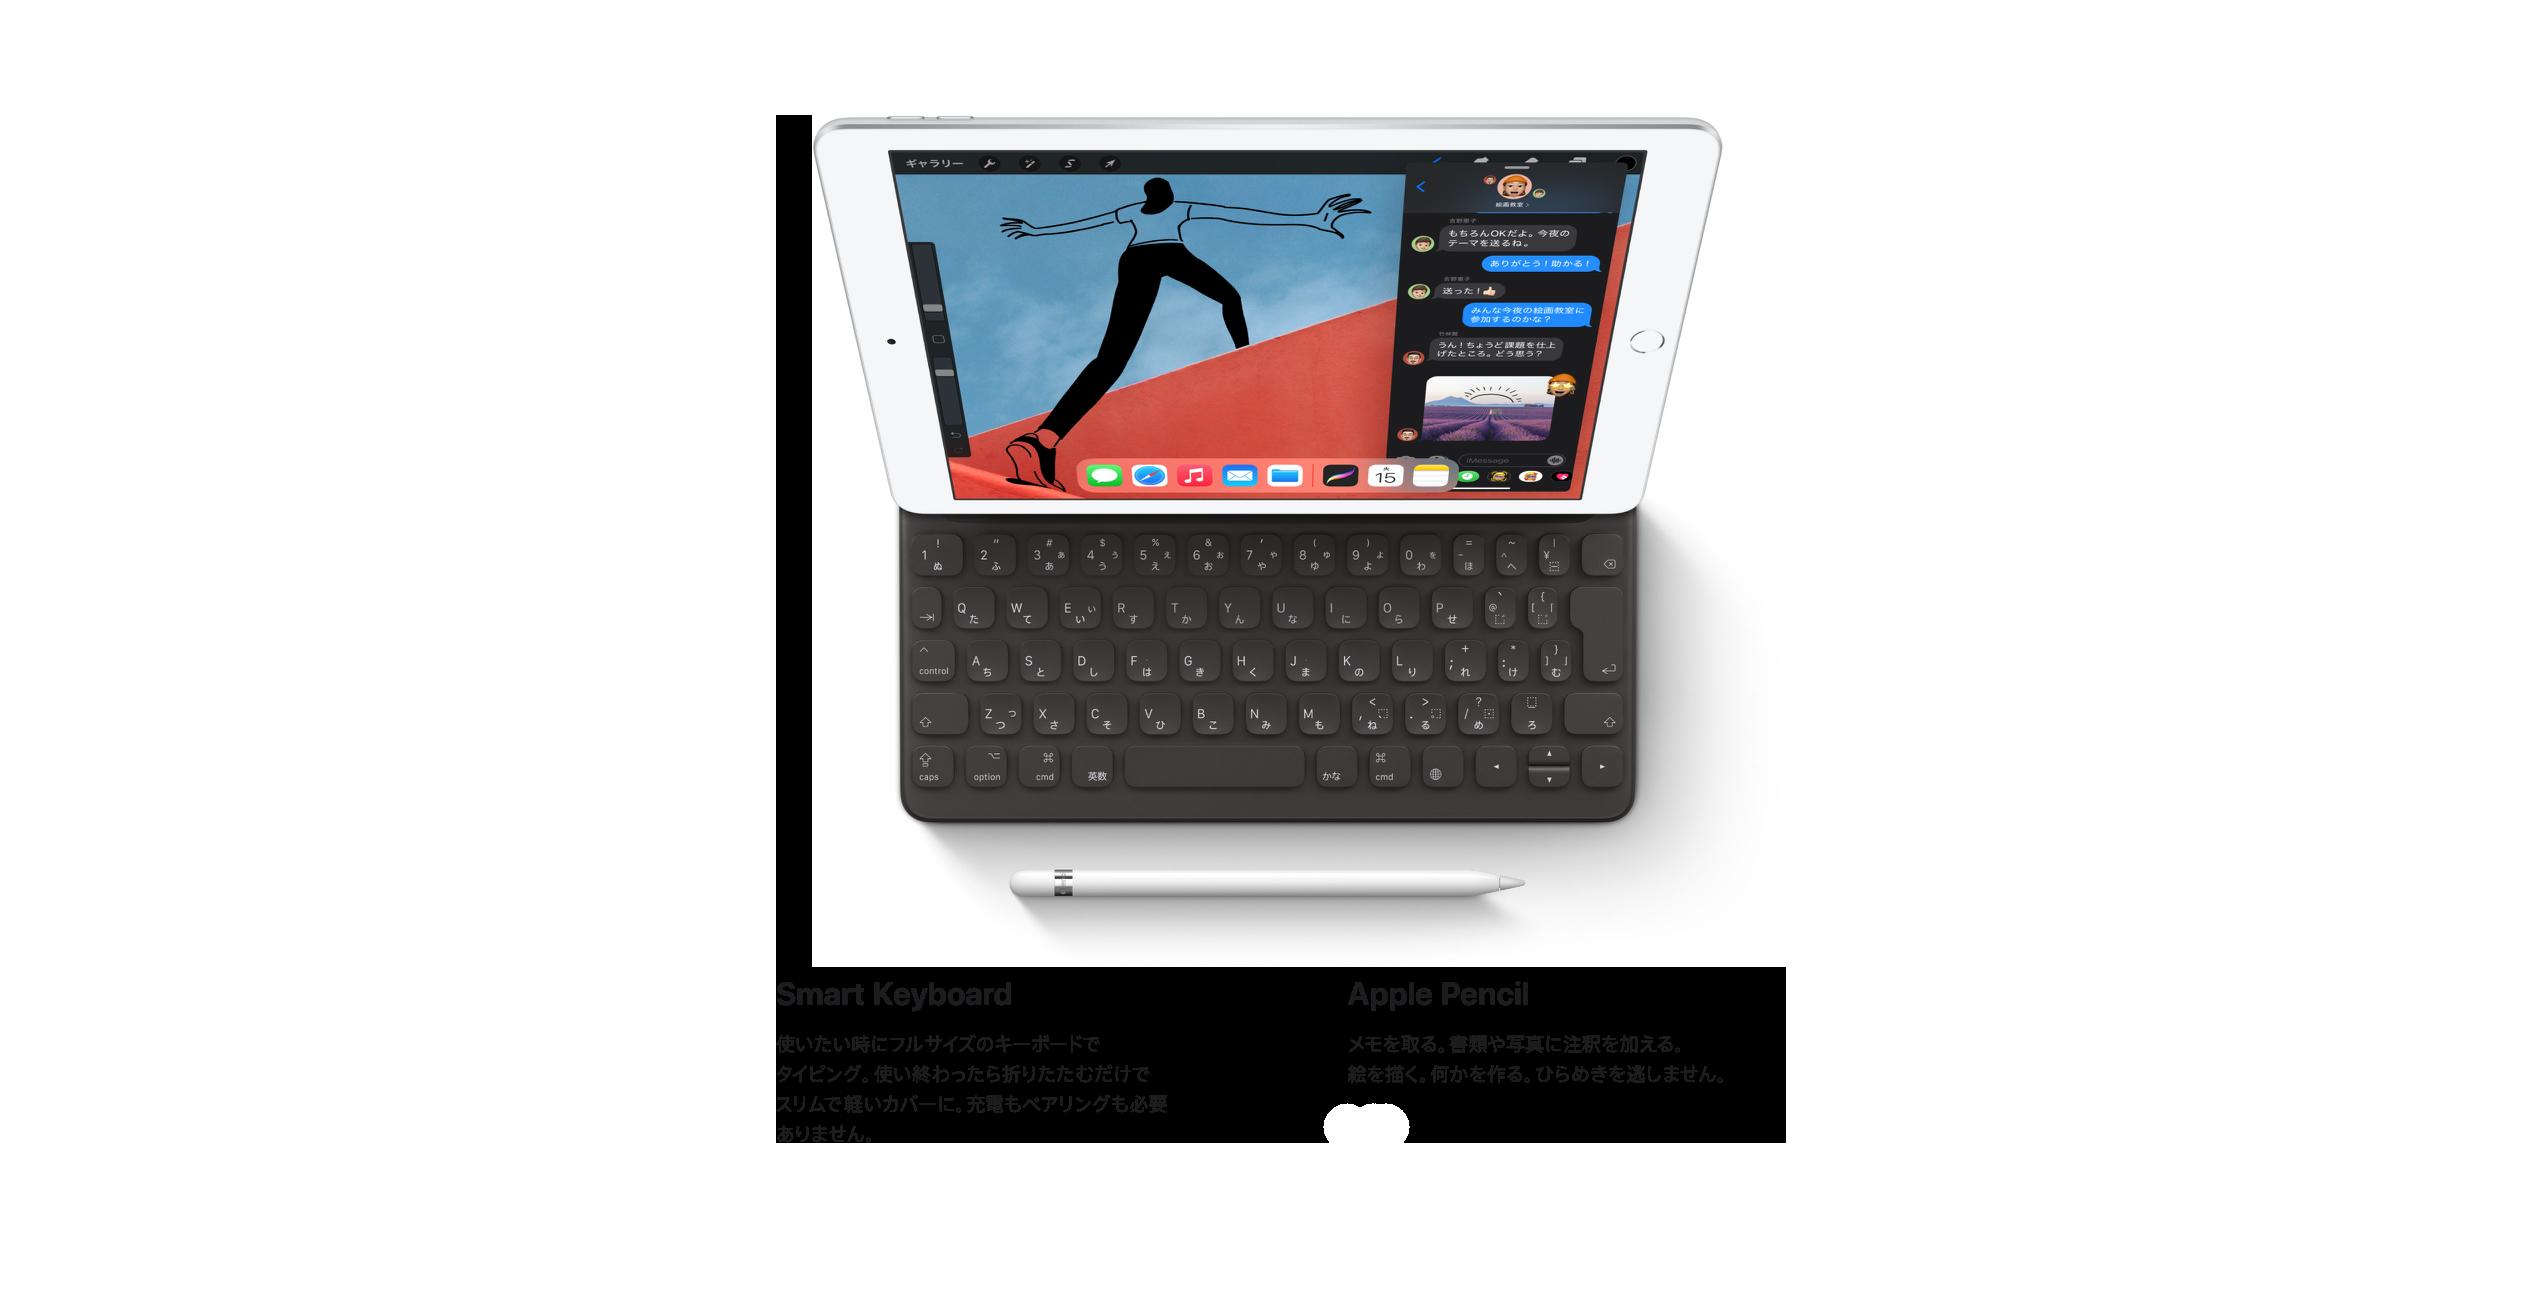 smart keyboard, apple pencil